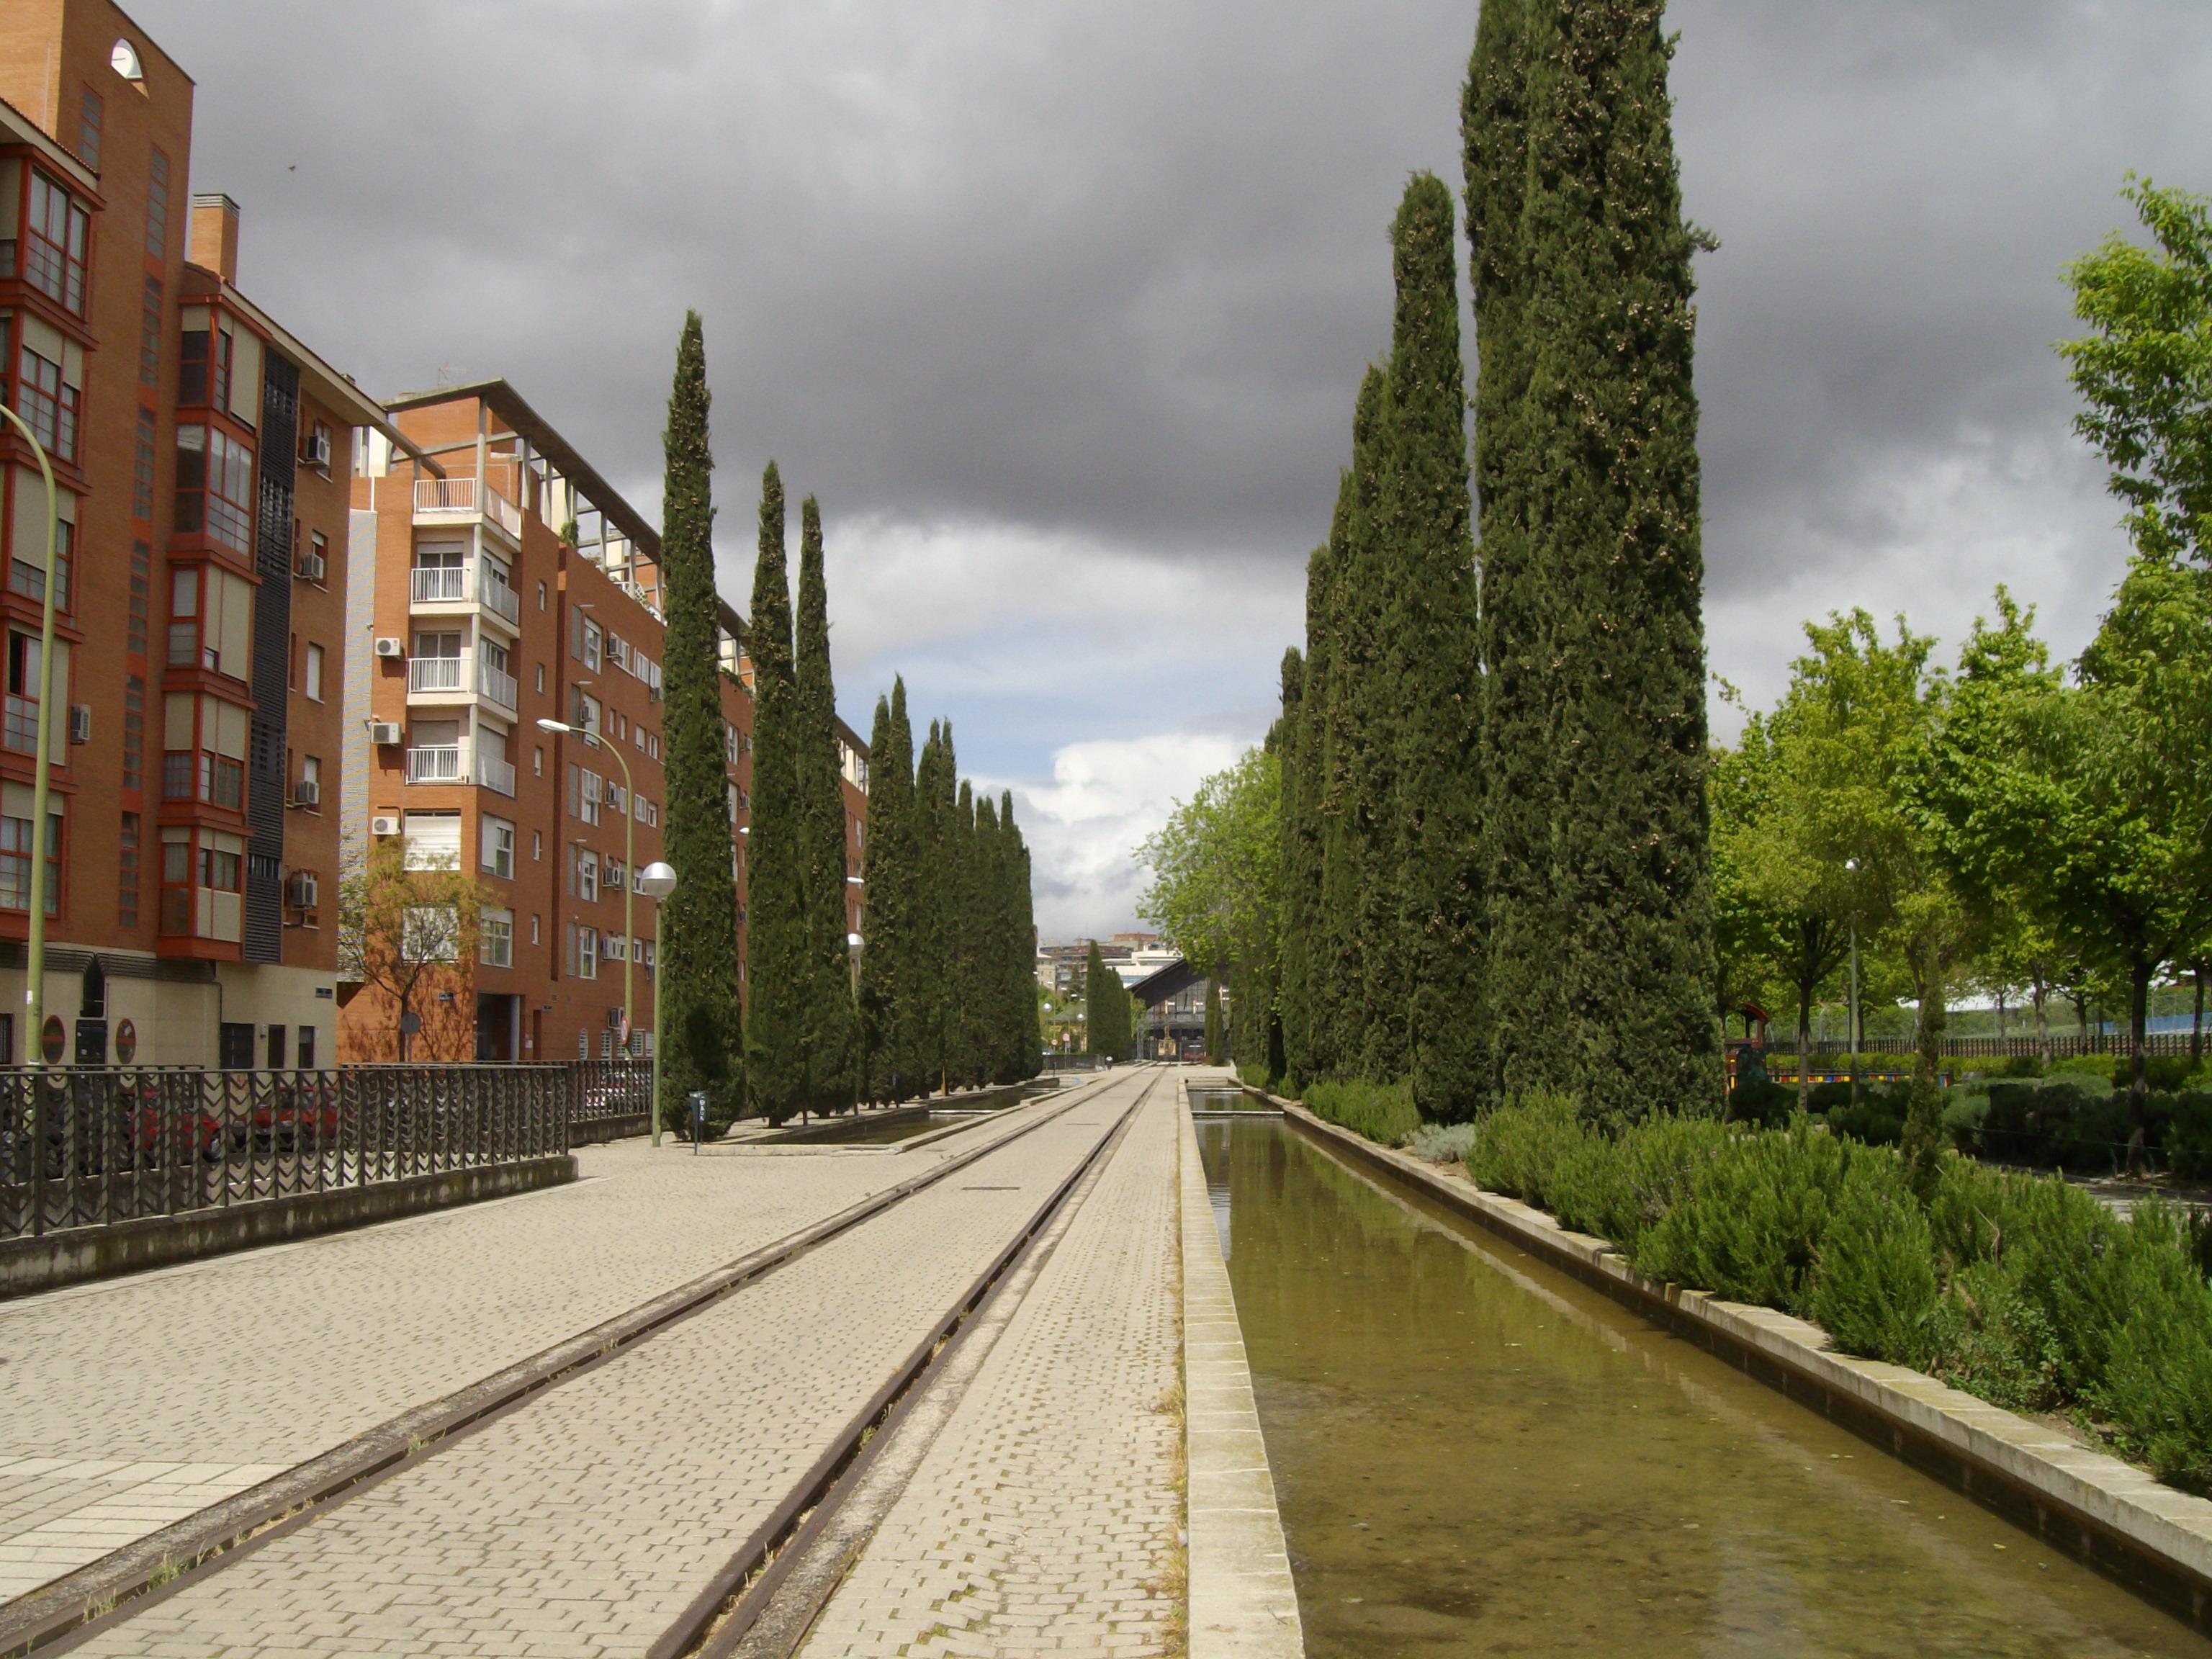 Im genes del parque de las delicias ayuntamiento de madrid for Pisos en delicias madrid